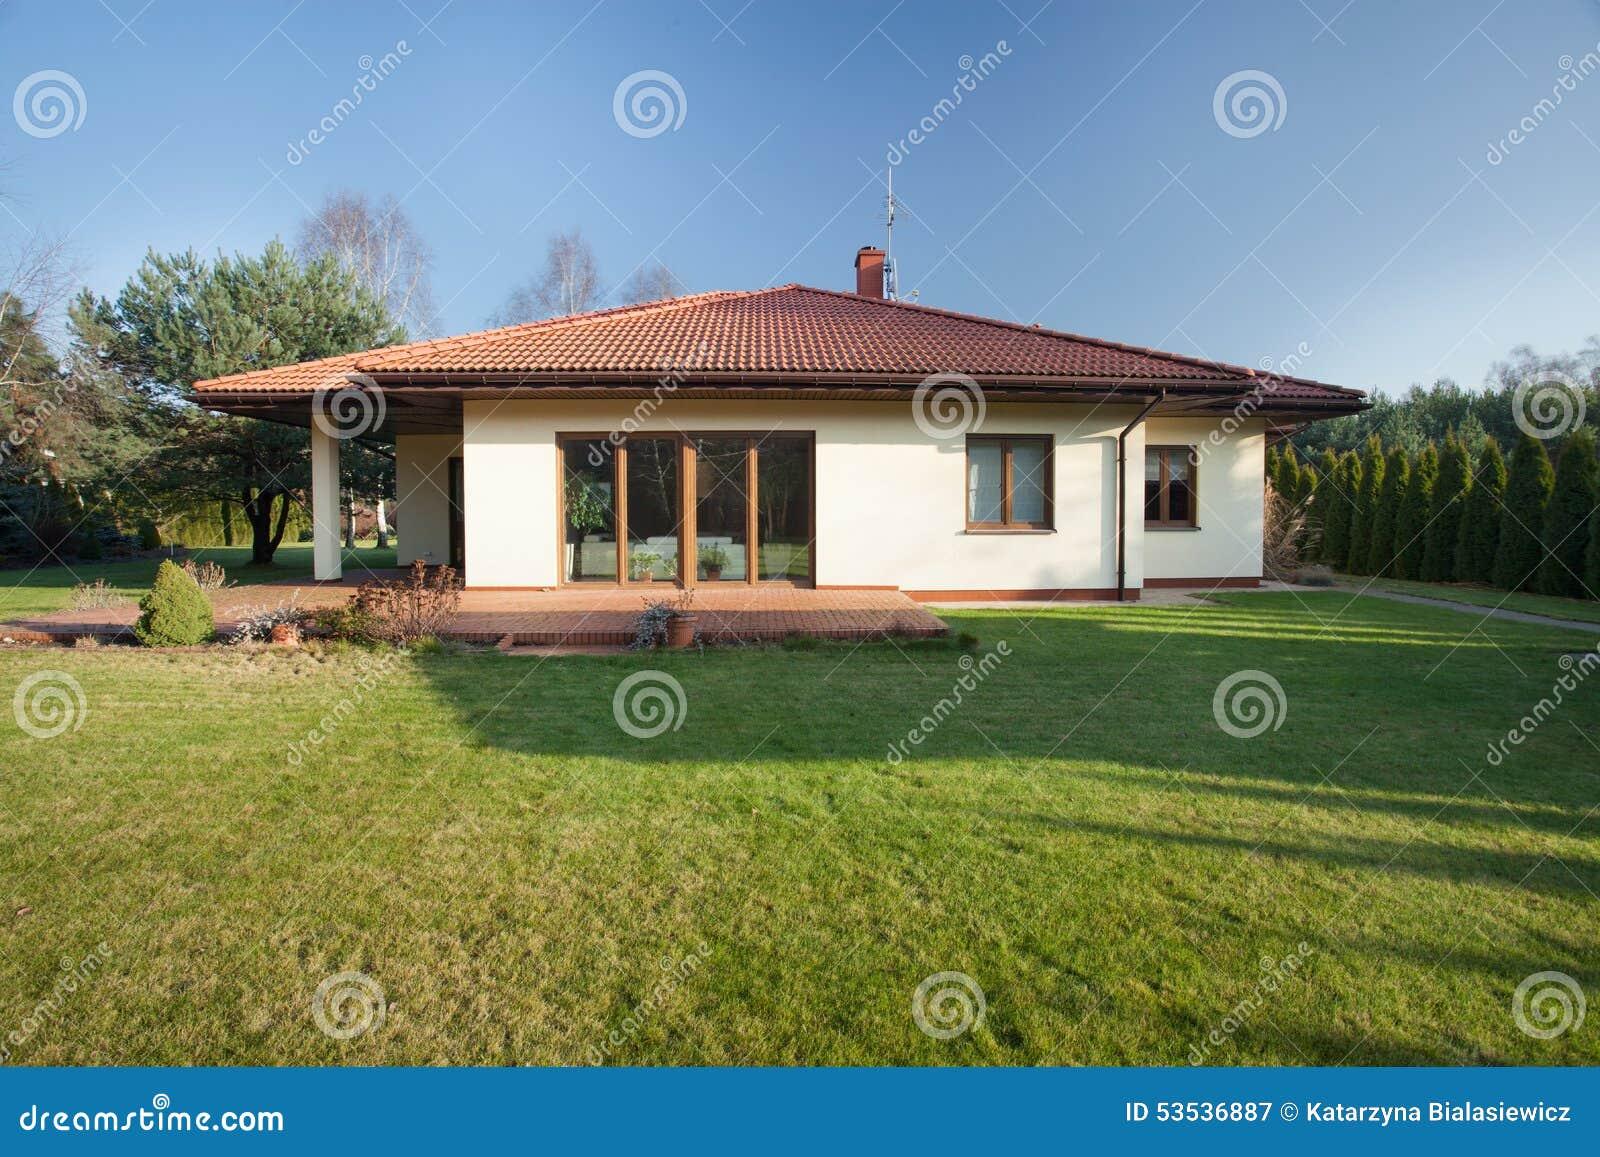 Beautiful bungalow with garden stock image image of for Fachadas de casas modernas de una planta